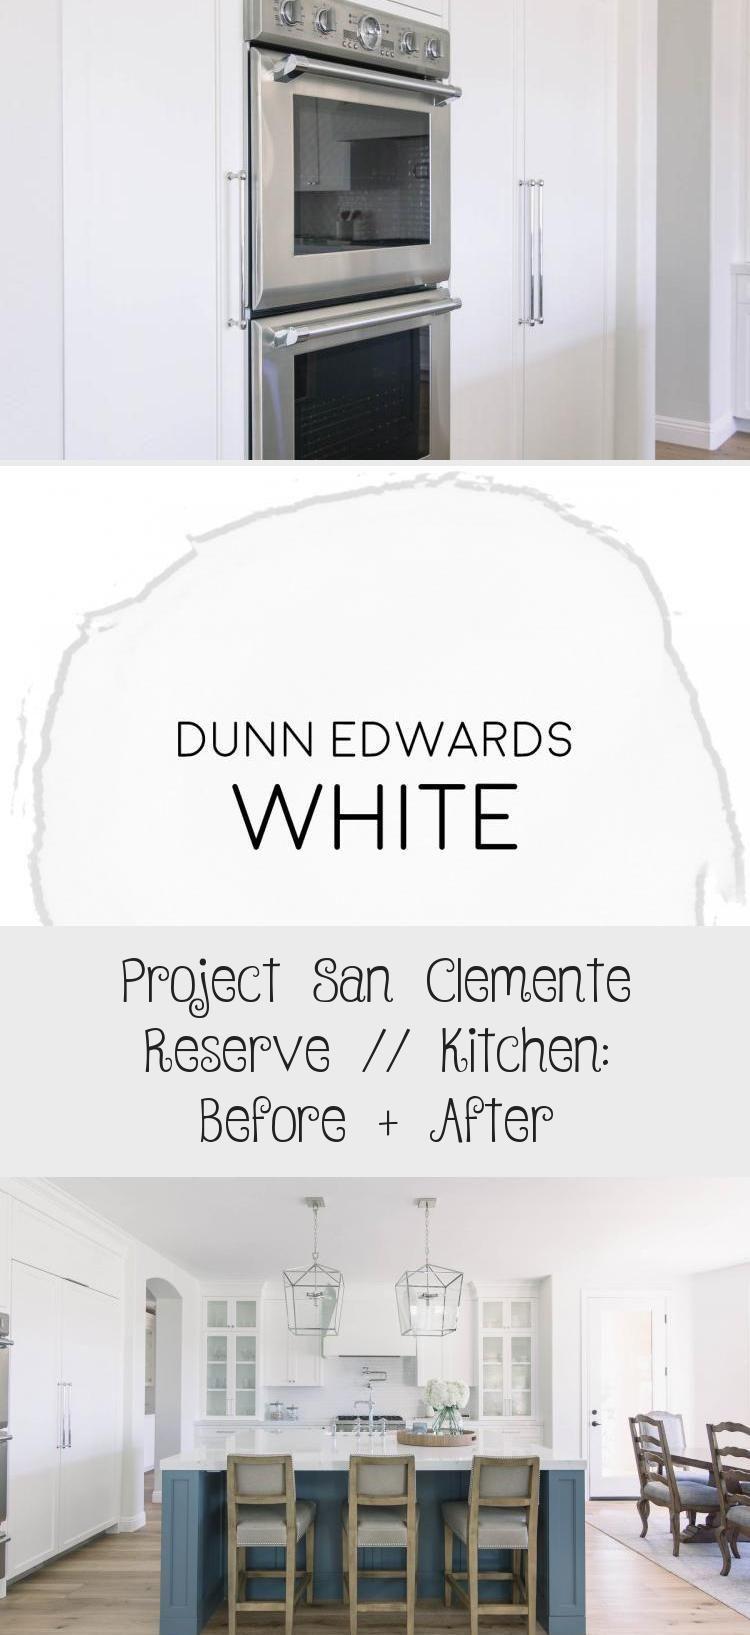 Projekt San Clemente Reserve von Blackband Design // Küche: Vorher + Nachher #kitc ...#blackband #clemente #design #kitc #küche #nachher #projekt #reserve #san #von #vorher